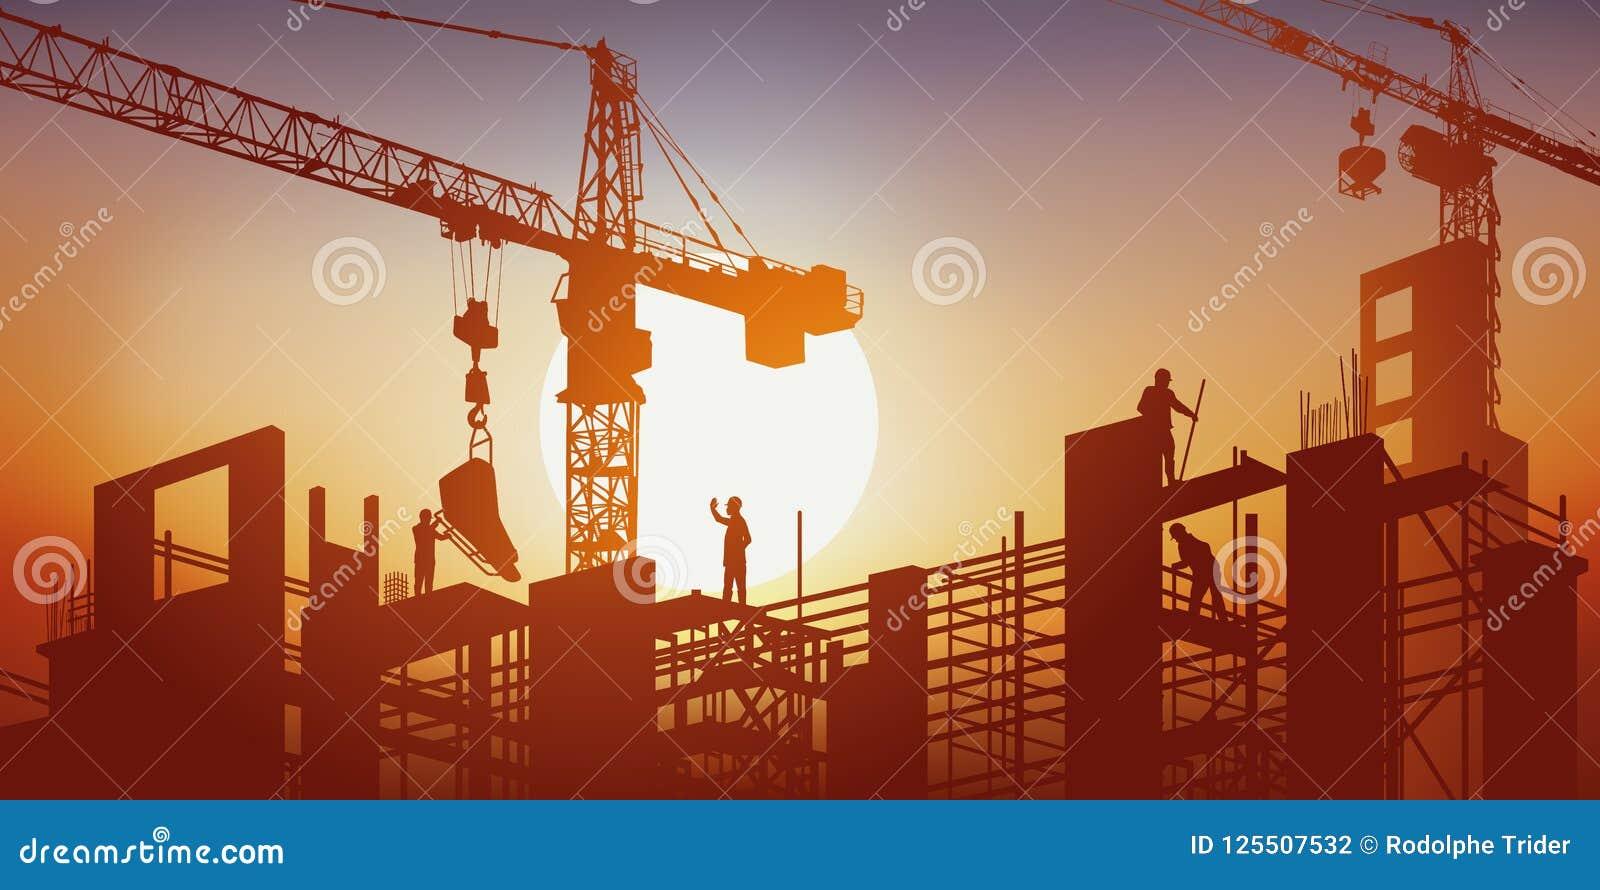 Ένα κτήριο χτίζεται κάτω από τον ήλιο στη μέση των γερανών και των υλικών σκαλωσιάς